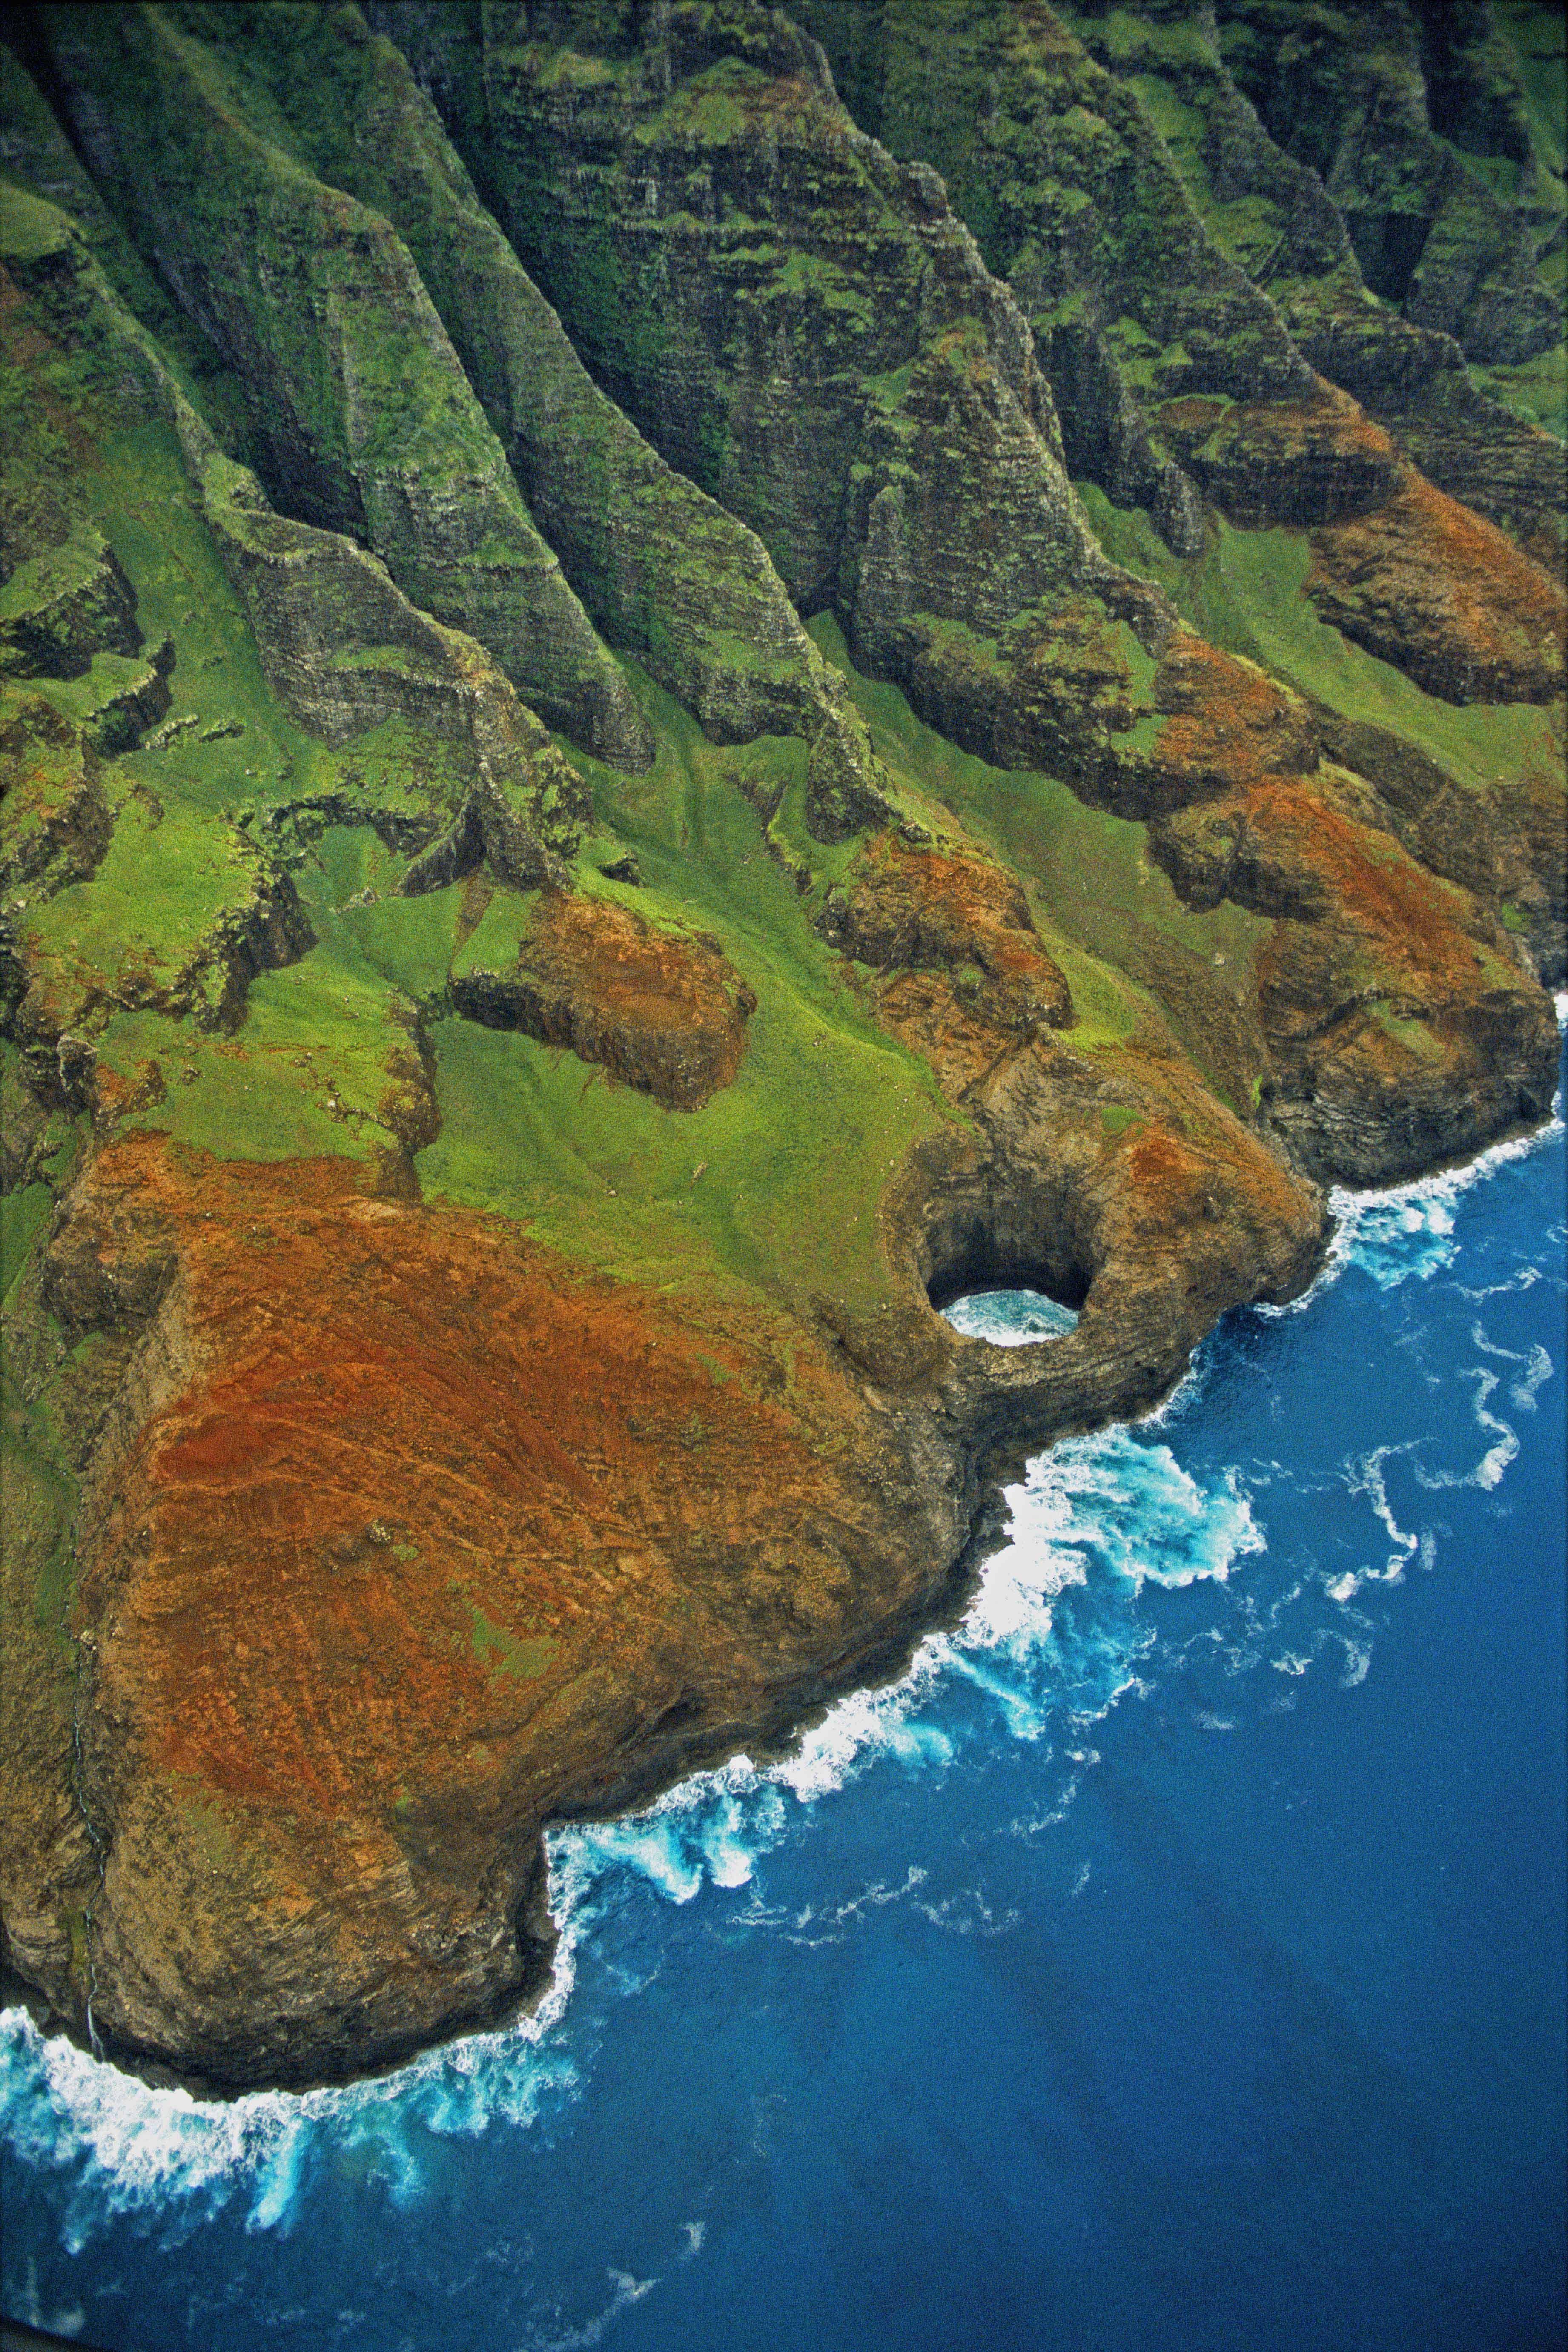 Na Pali Coast Aerial View Kauai Hawaii. #kauai #hawaii Lucky Live Hawaii